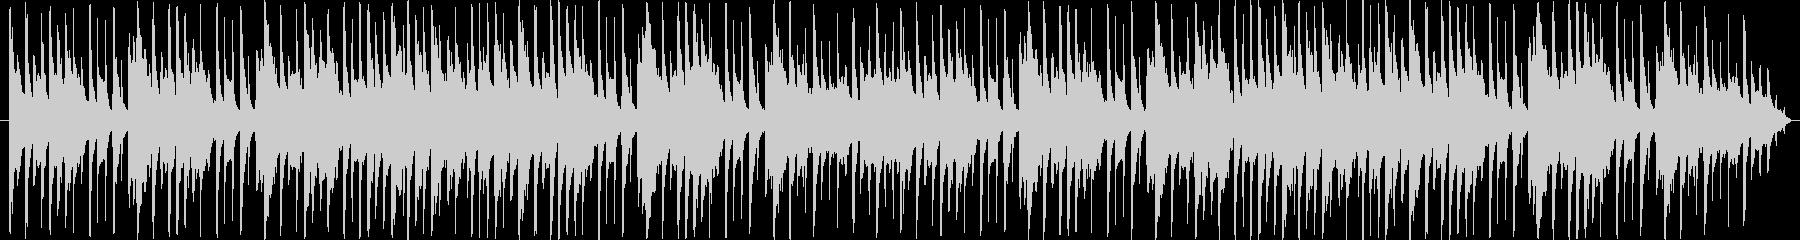 コマーシャル用の音楽。メロディック...の未再生の波形